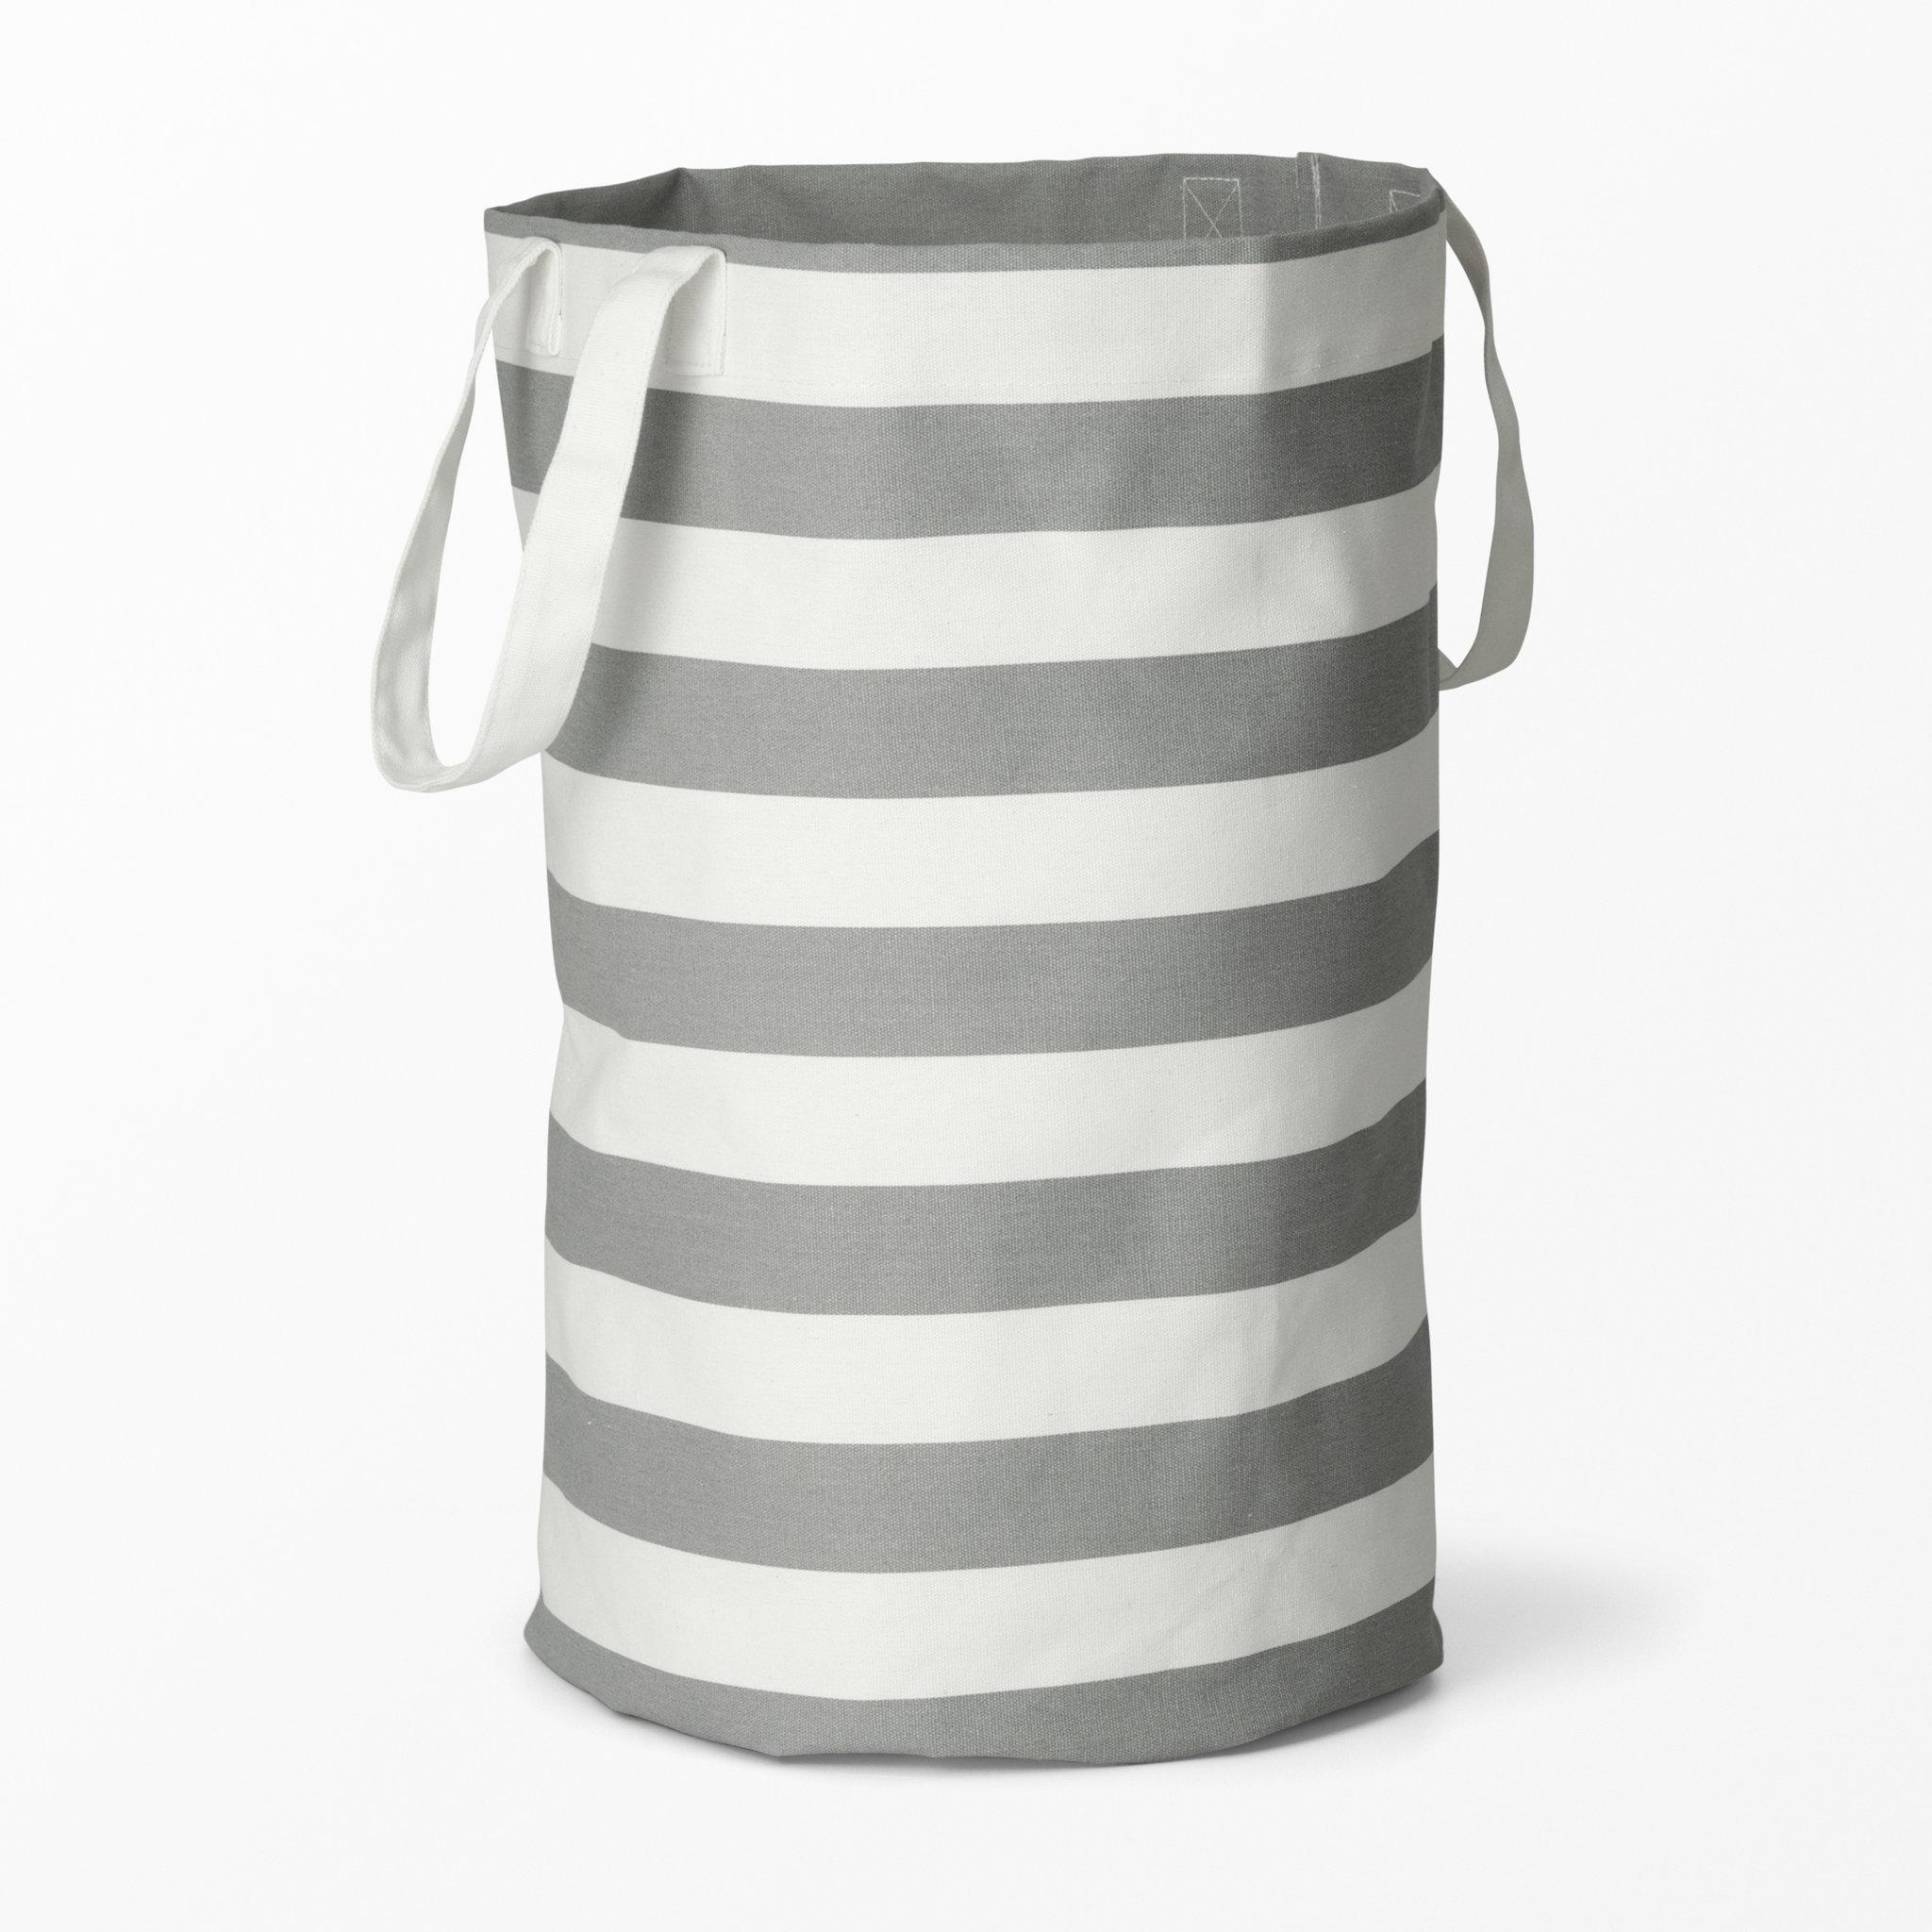 Tvättkorg i textil   badrumsaccessoarer  köp online på åhlens.se!